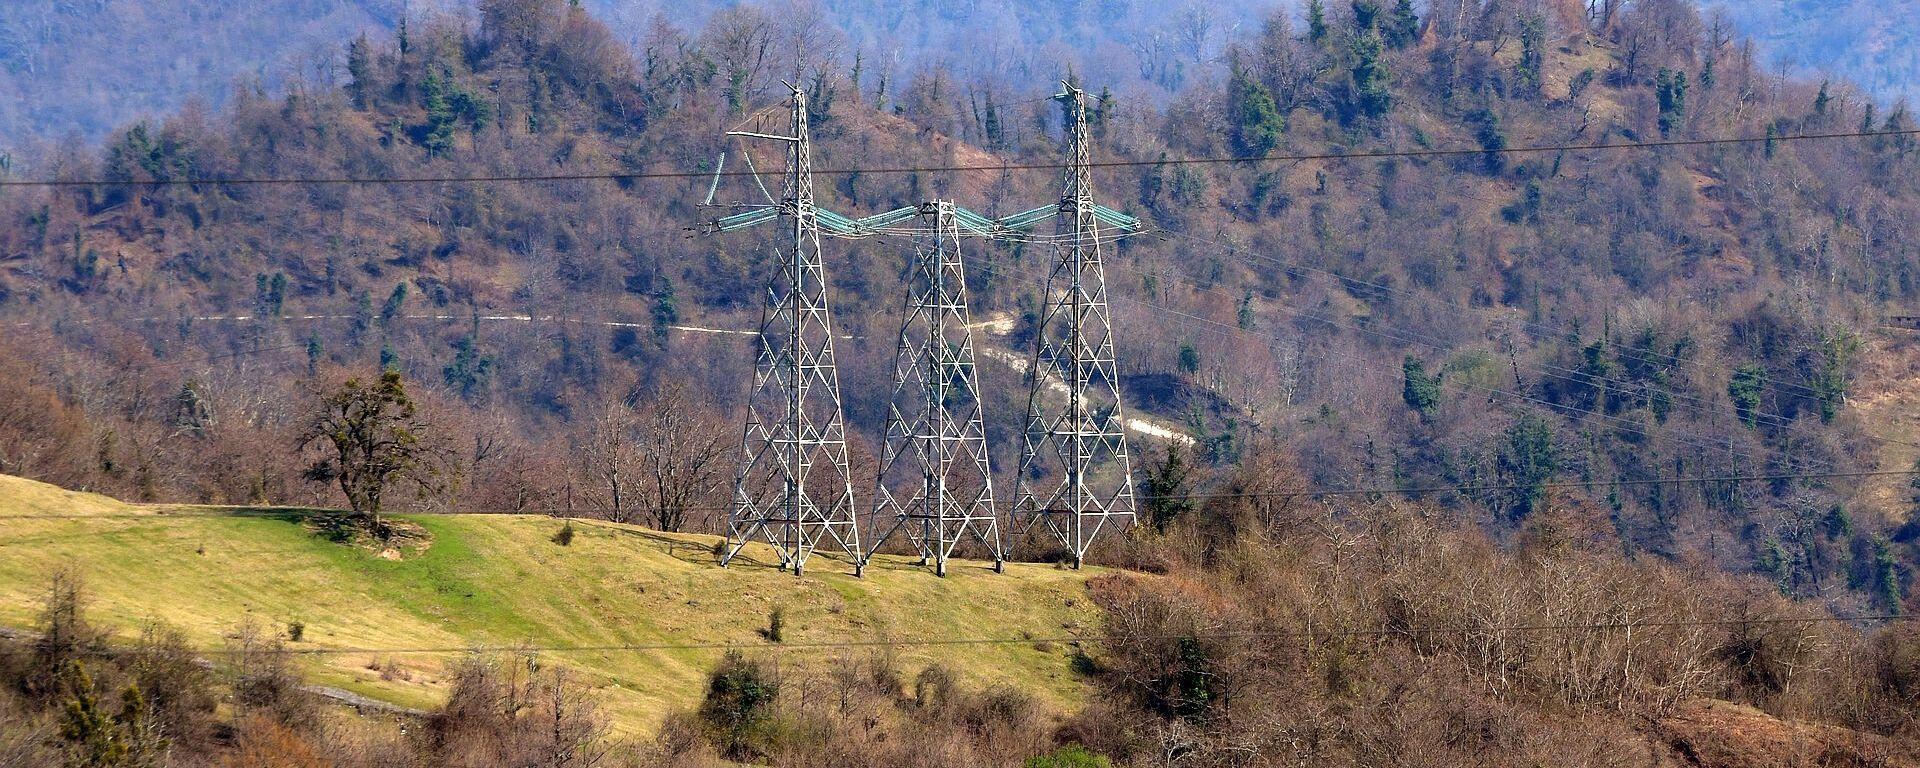 Линии проводов ВЛ - Sputnik Абхазия, 1920, 09.10.2021